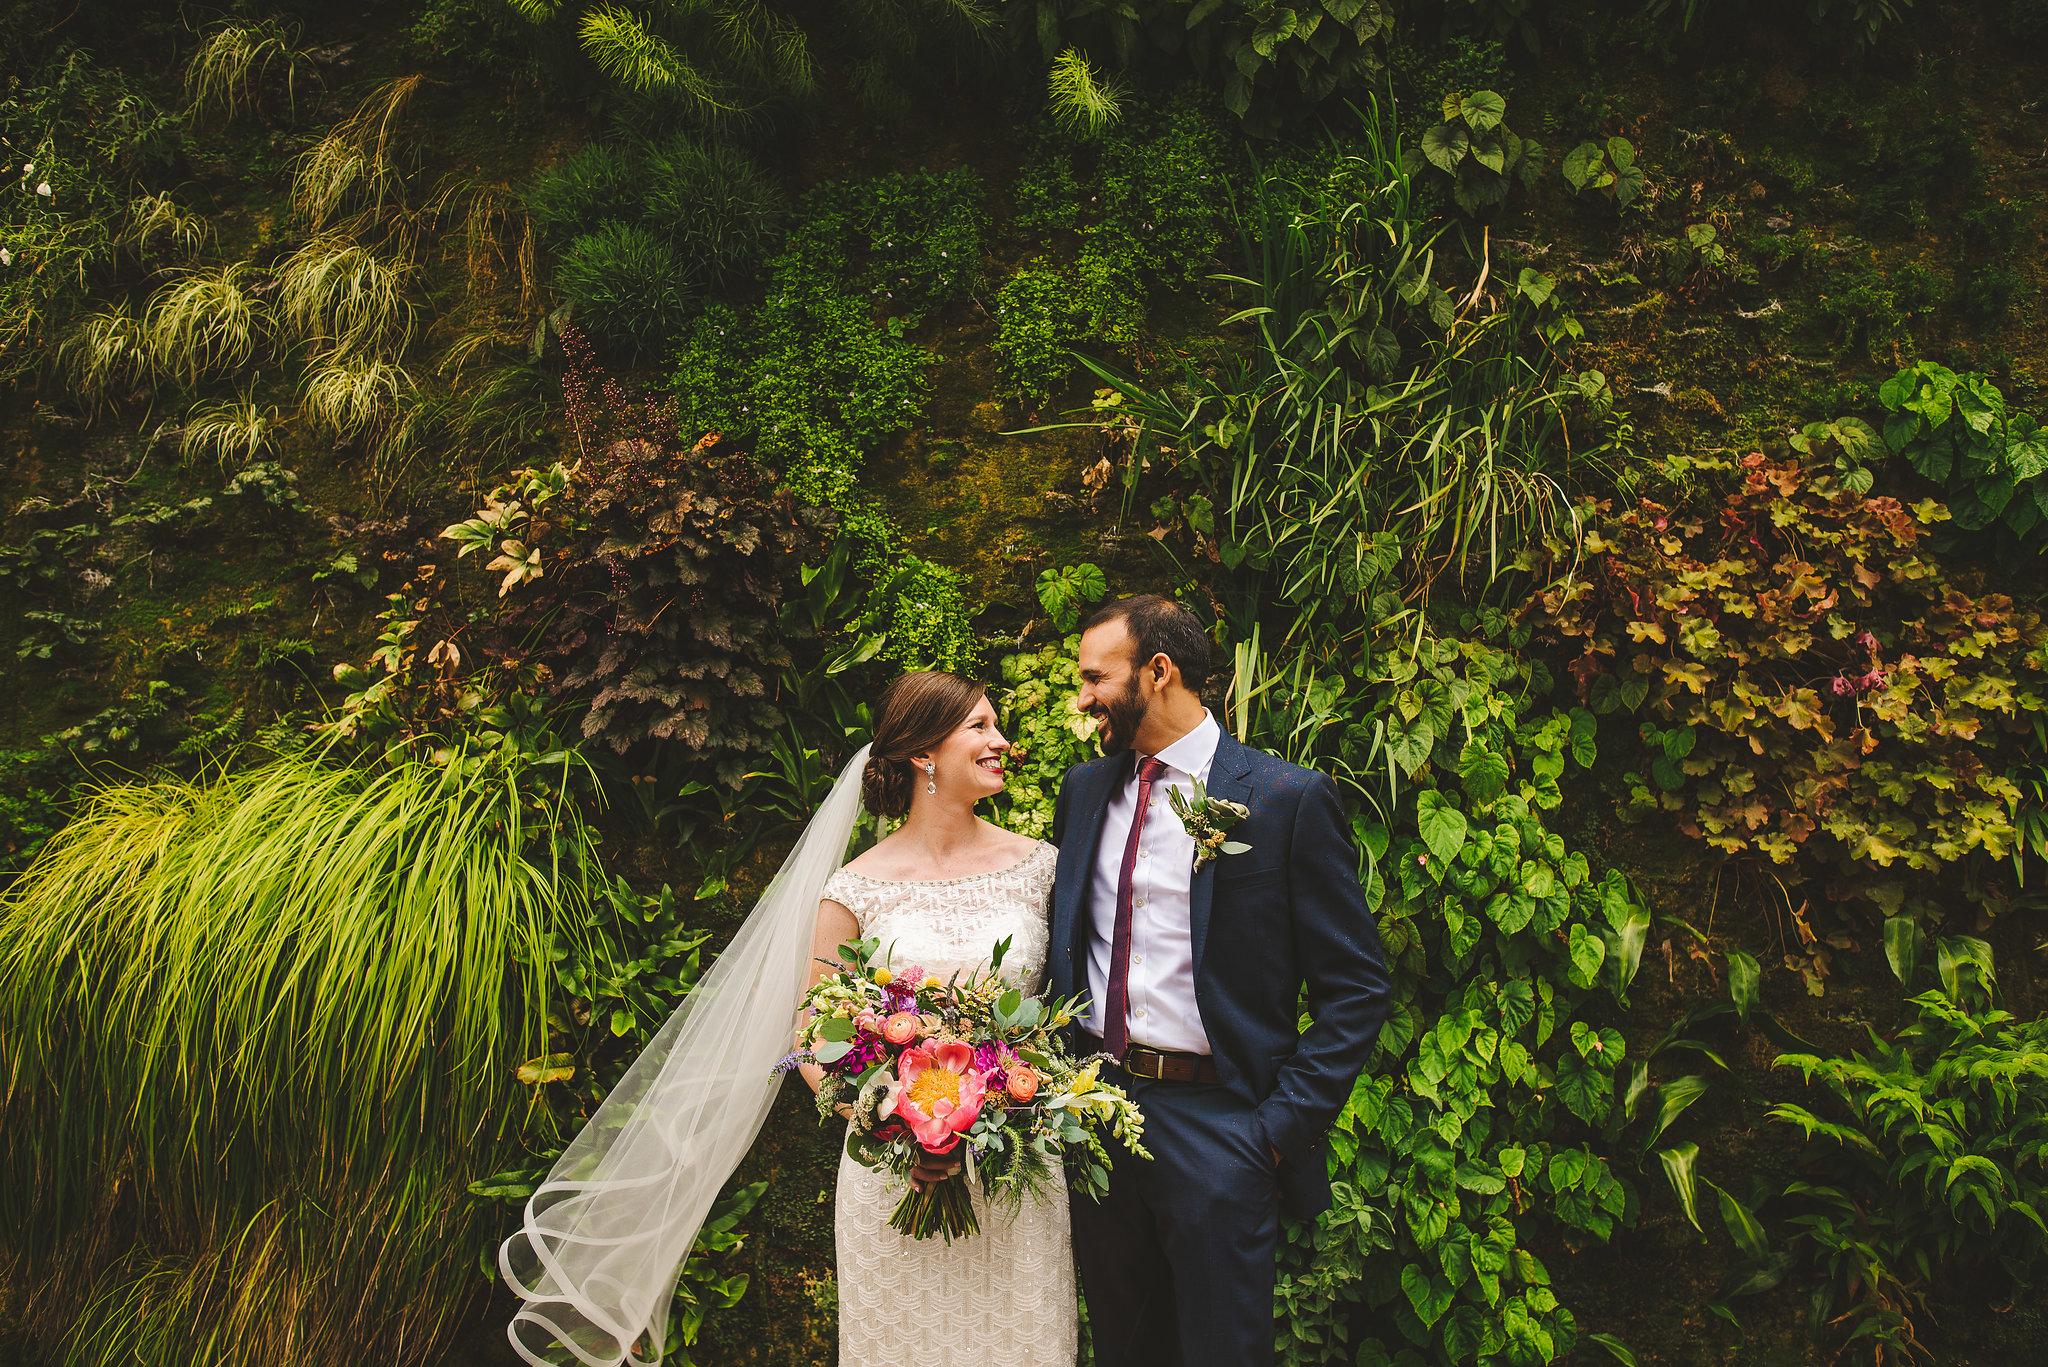 wedding-allison-nasser-334.jpg